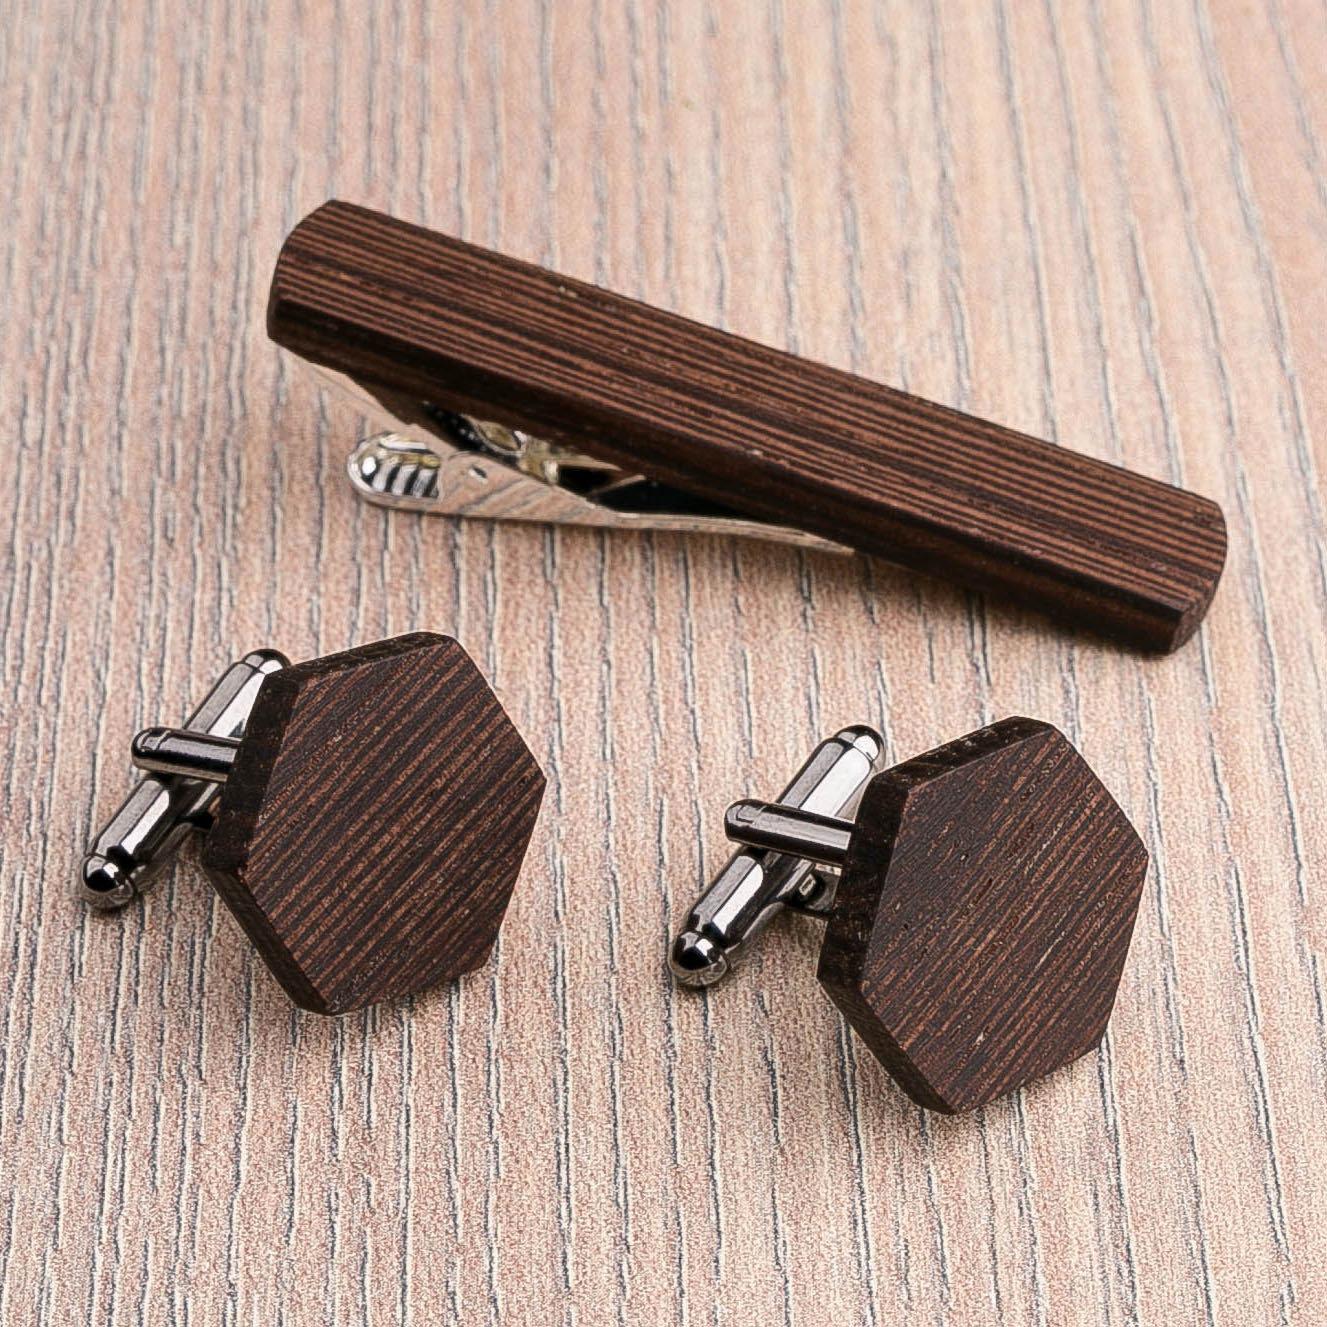 Комплект: Шестигранные запонки из дерева и Деревянный зажим для галстука. Массив венге. Гравировка инициалов. Упаковка в комплекте CufflinksSet-OctagonWenge